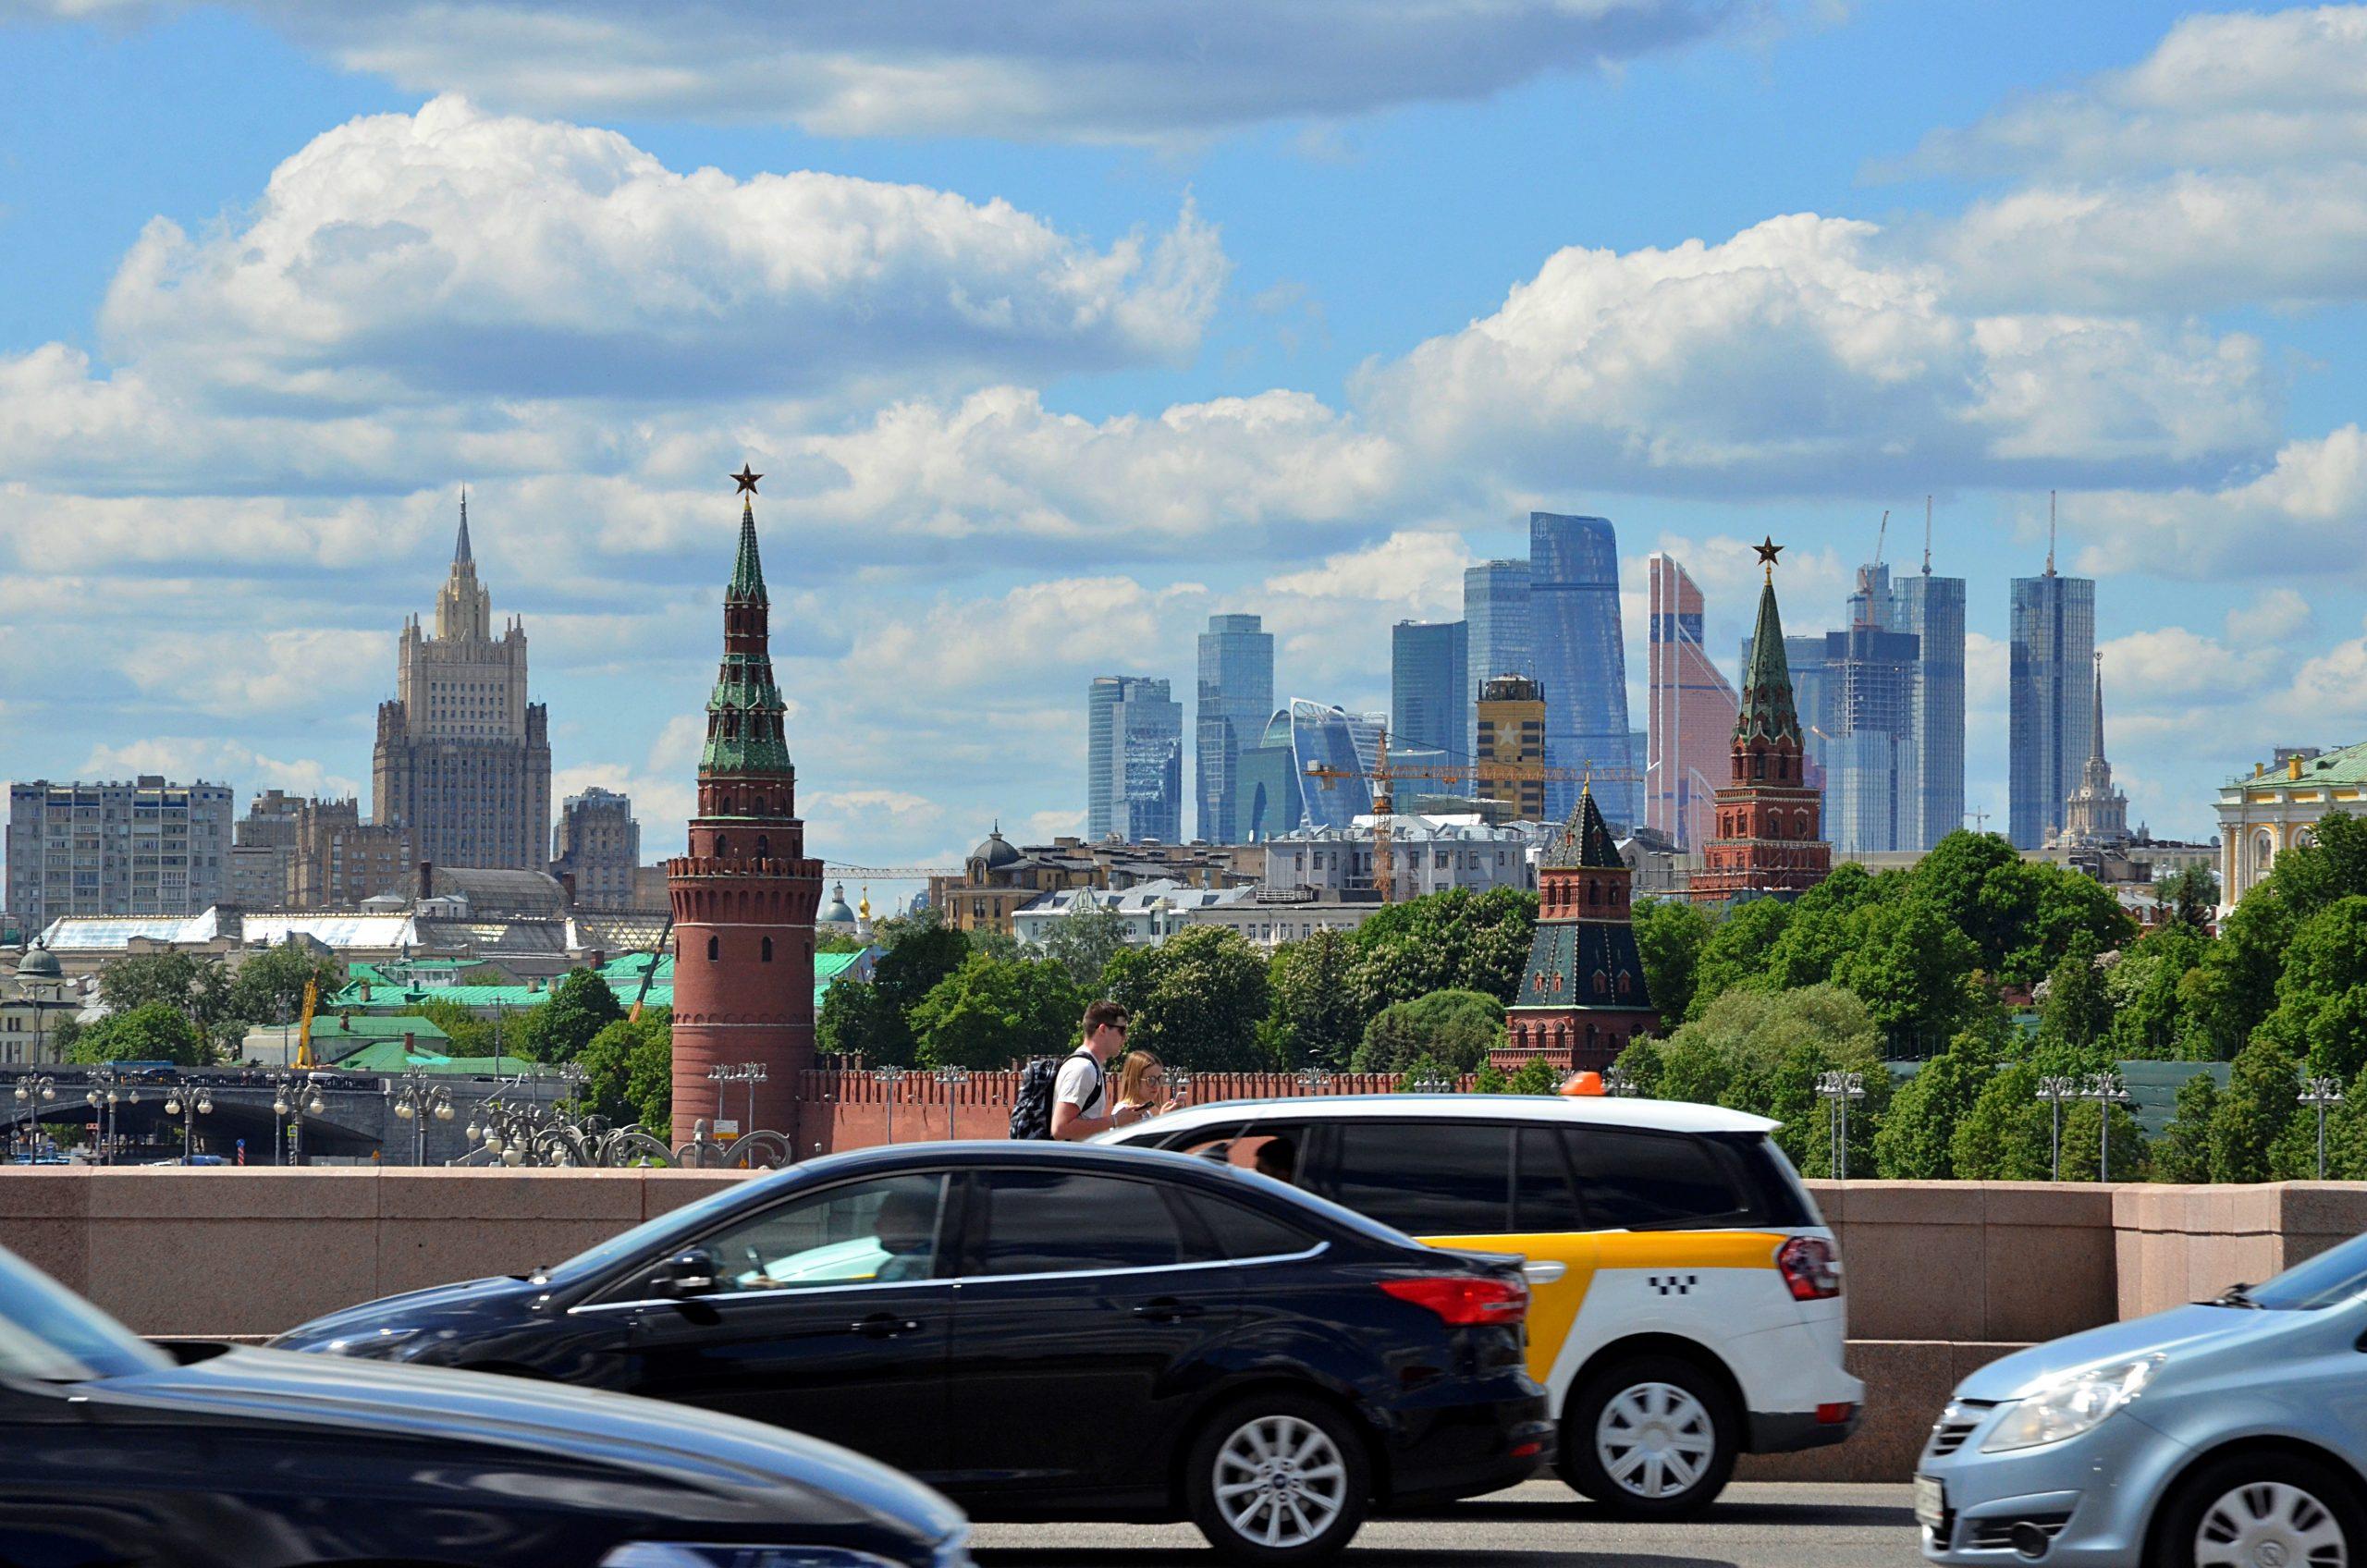 Жителей Москвы пригласили на курсы по трудоустройству в «Техноград»